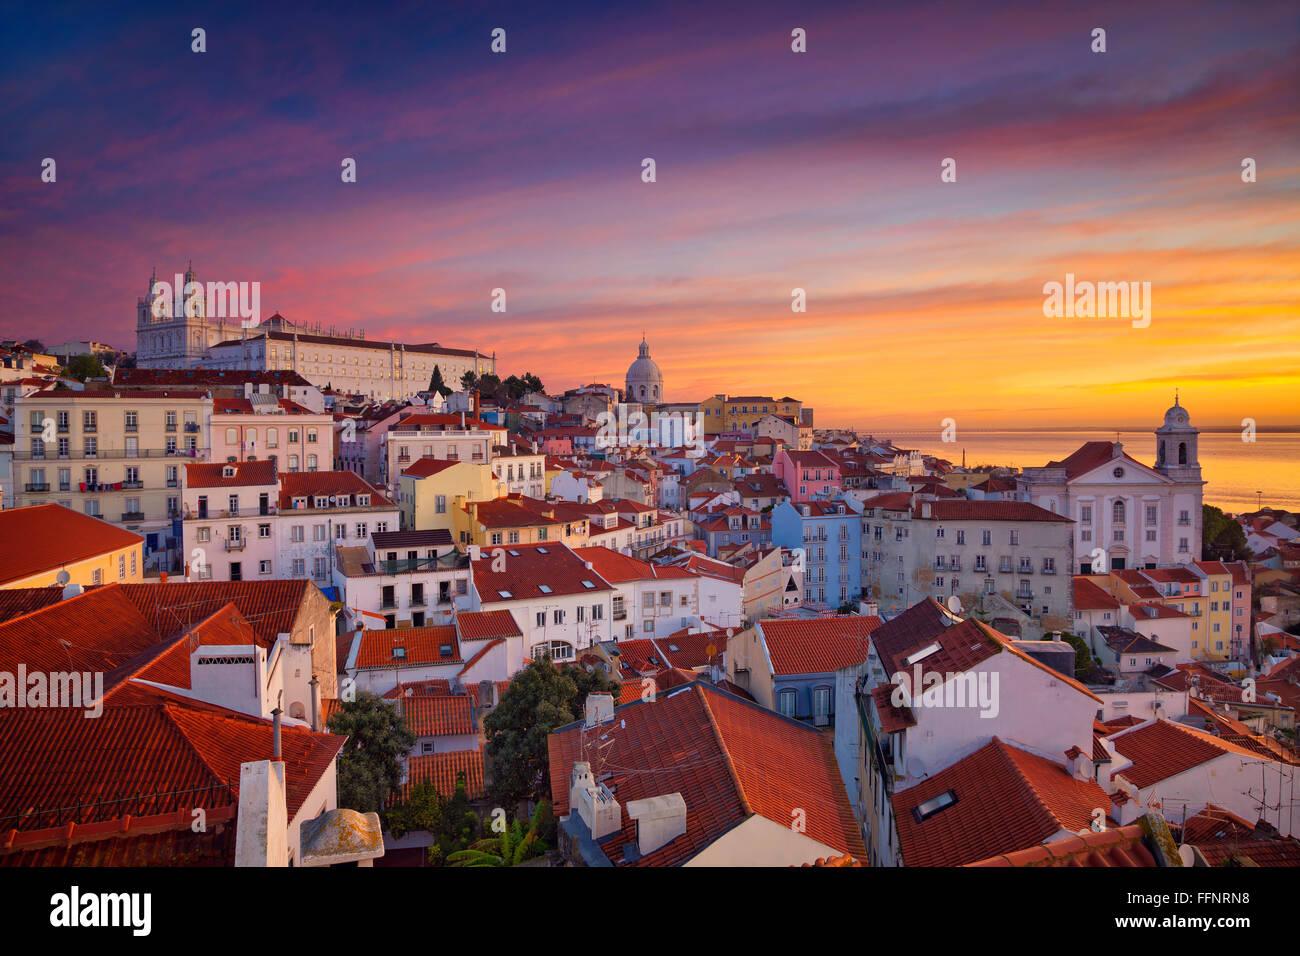 Lissabon. Bild von Lissabon bei dramatischen Sonnenaufgang. Stockbild